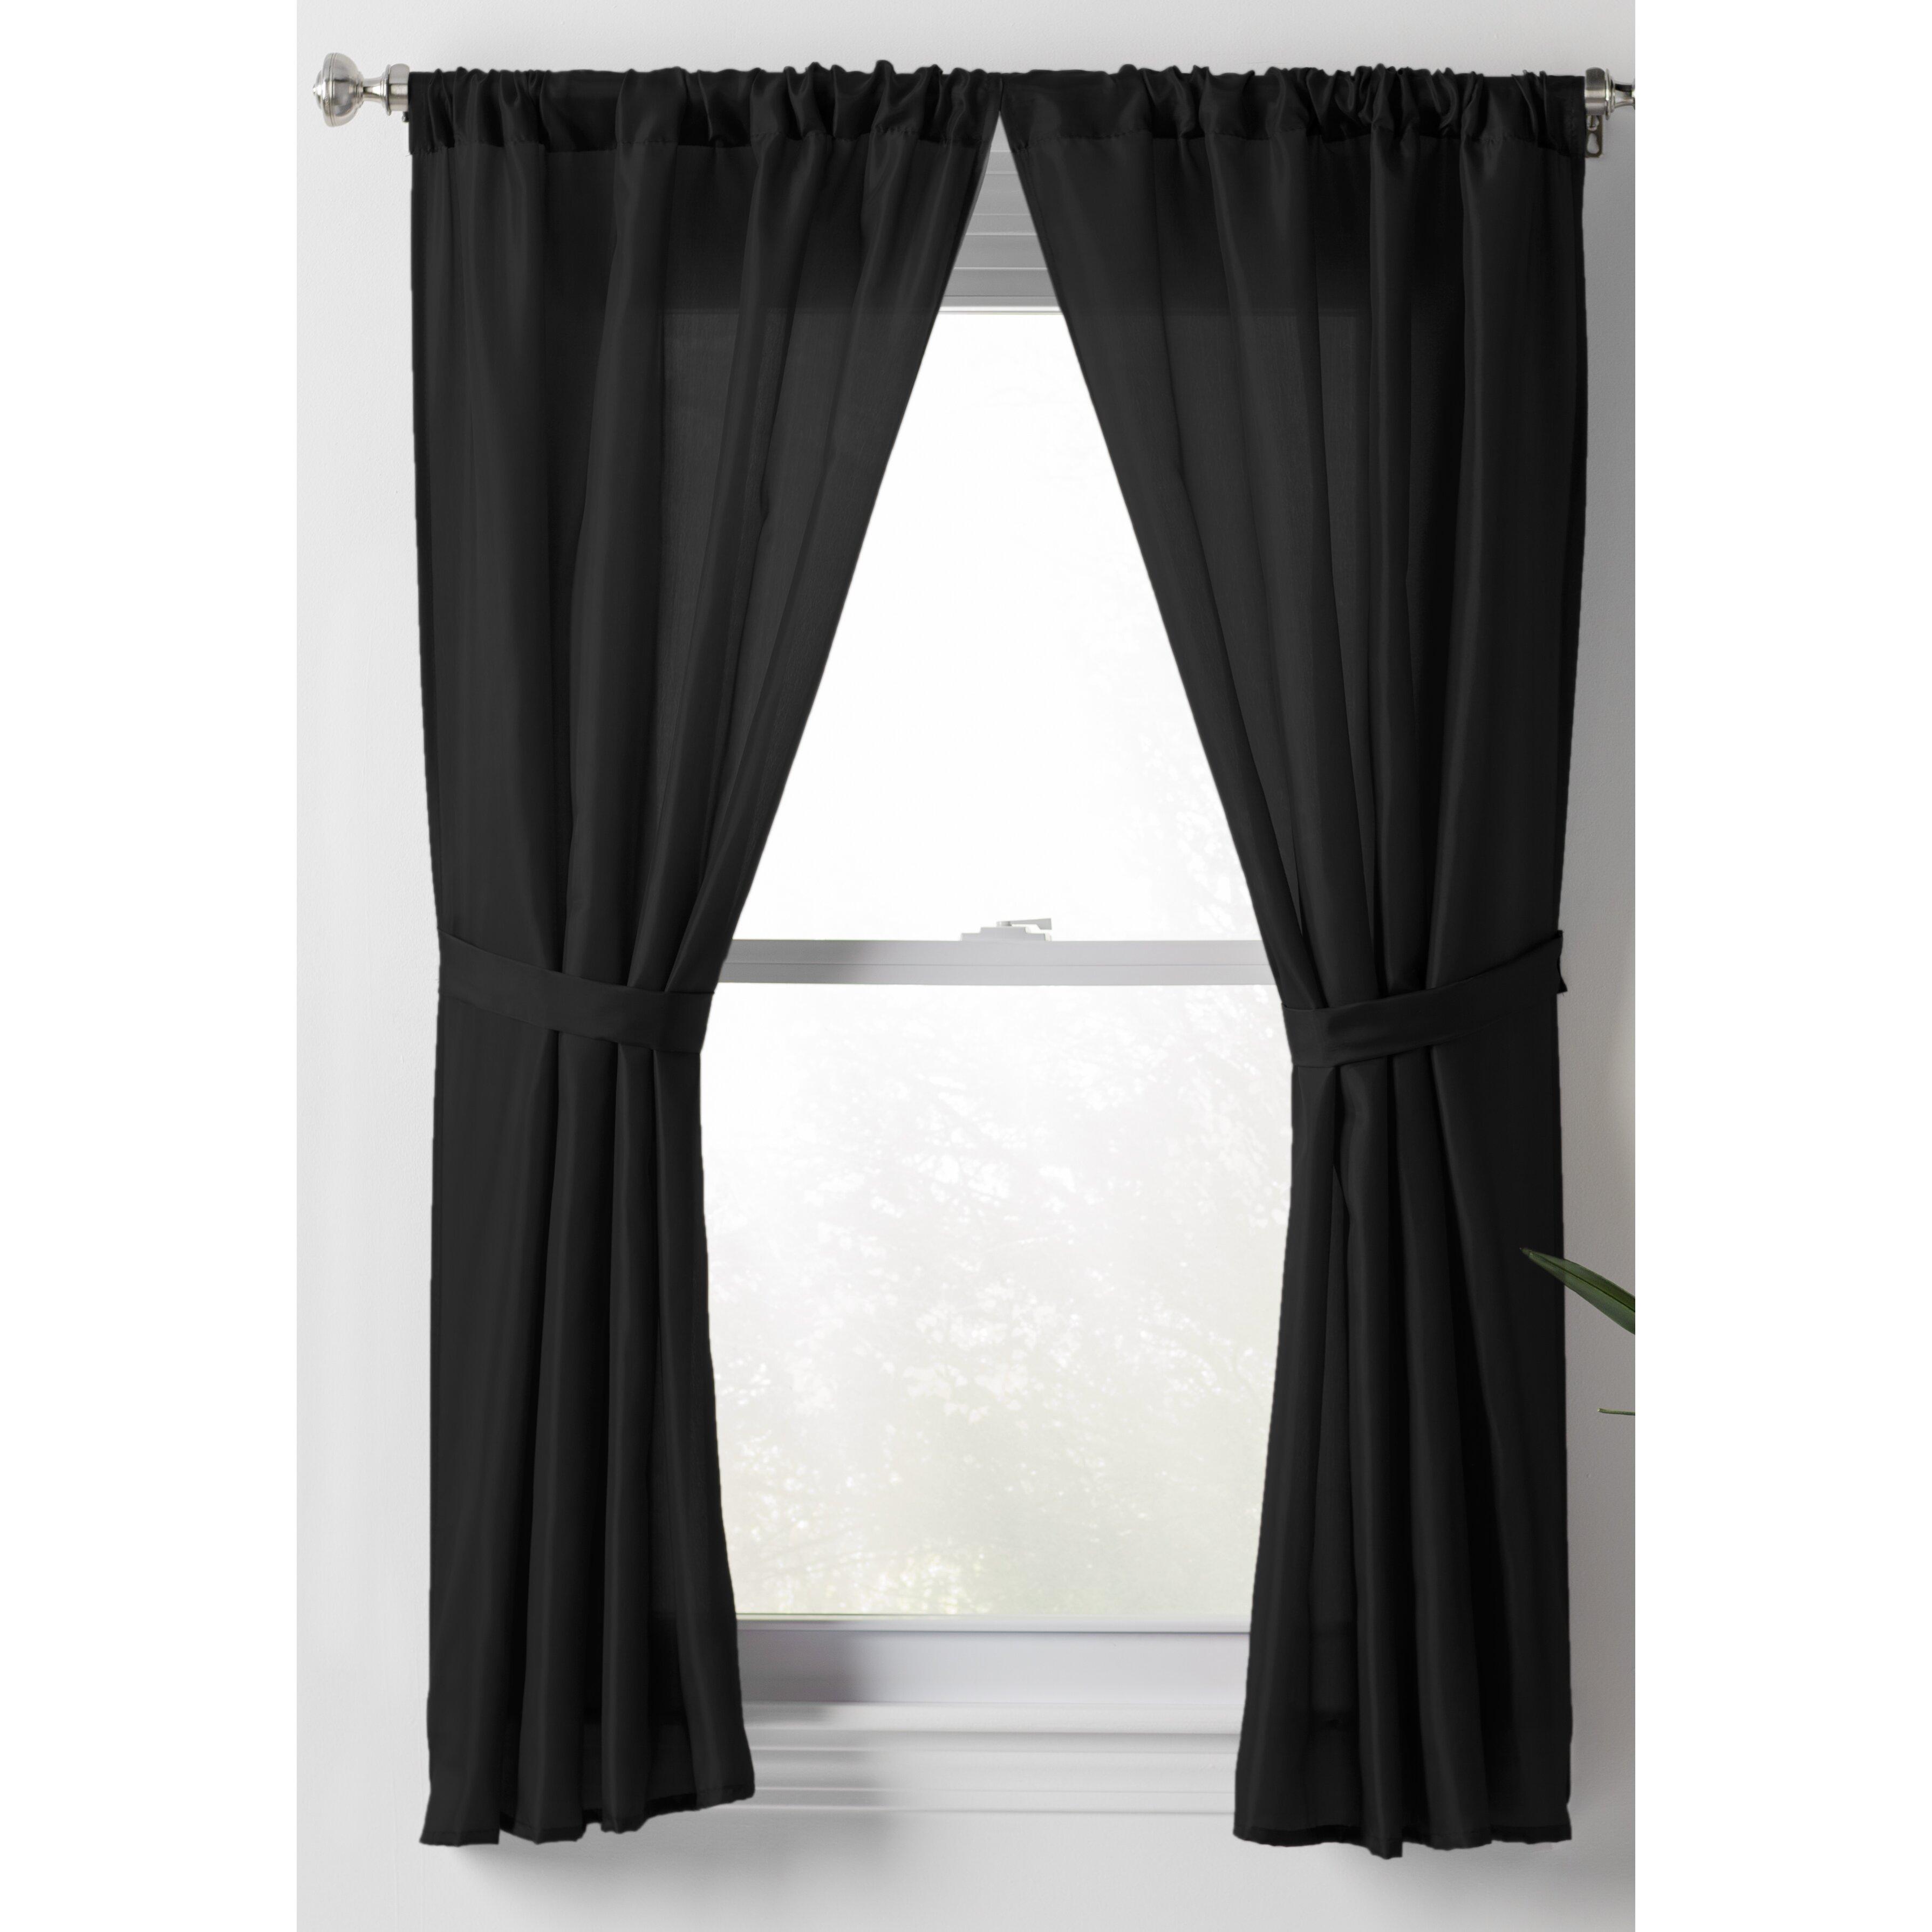 wayfair basics wayfair basics sheer rod pocket curtain panels